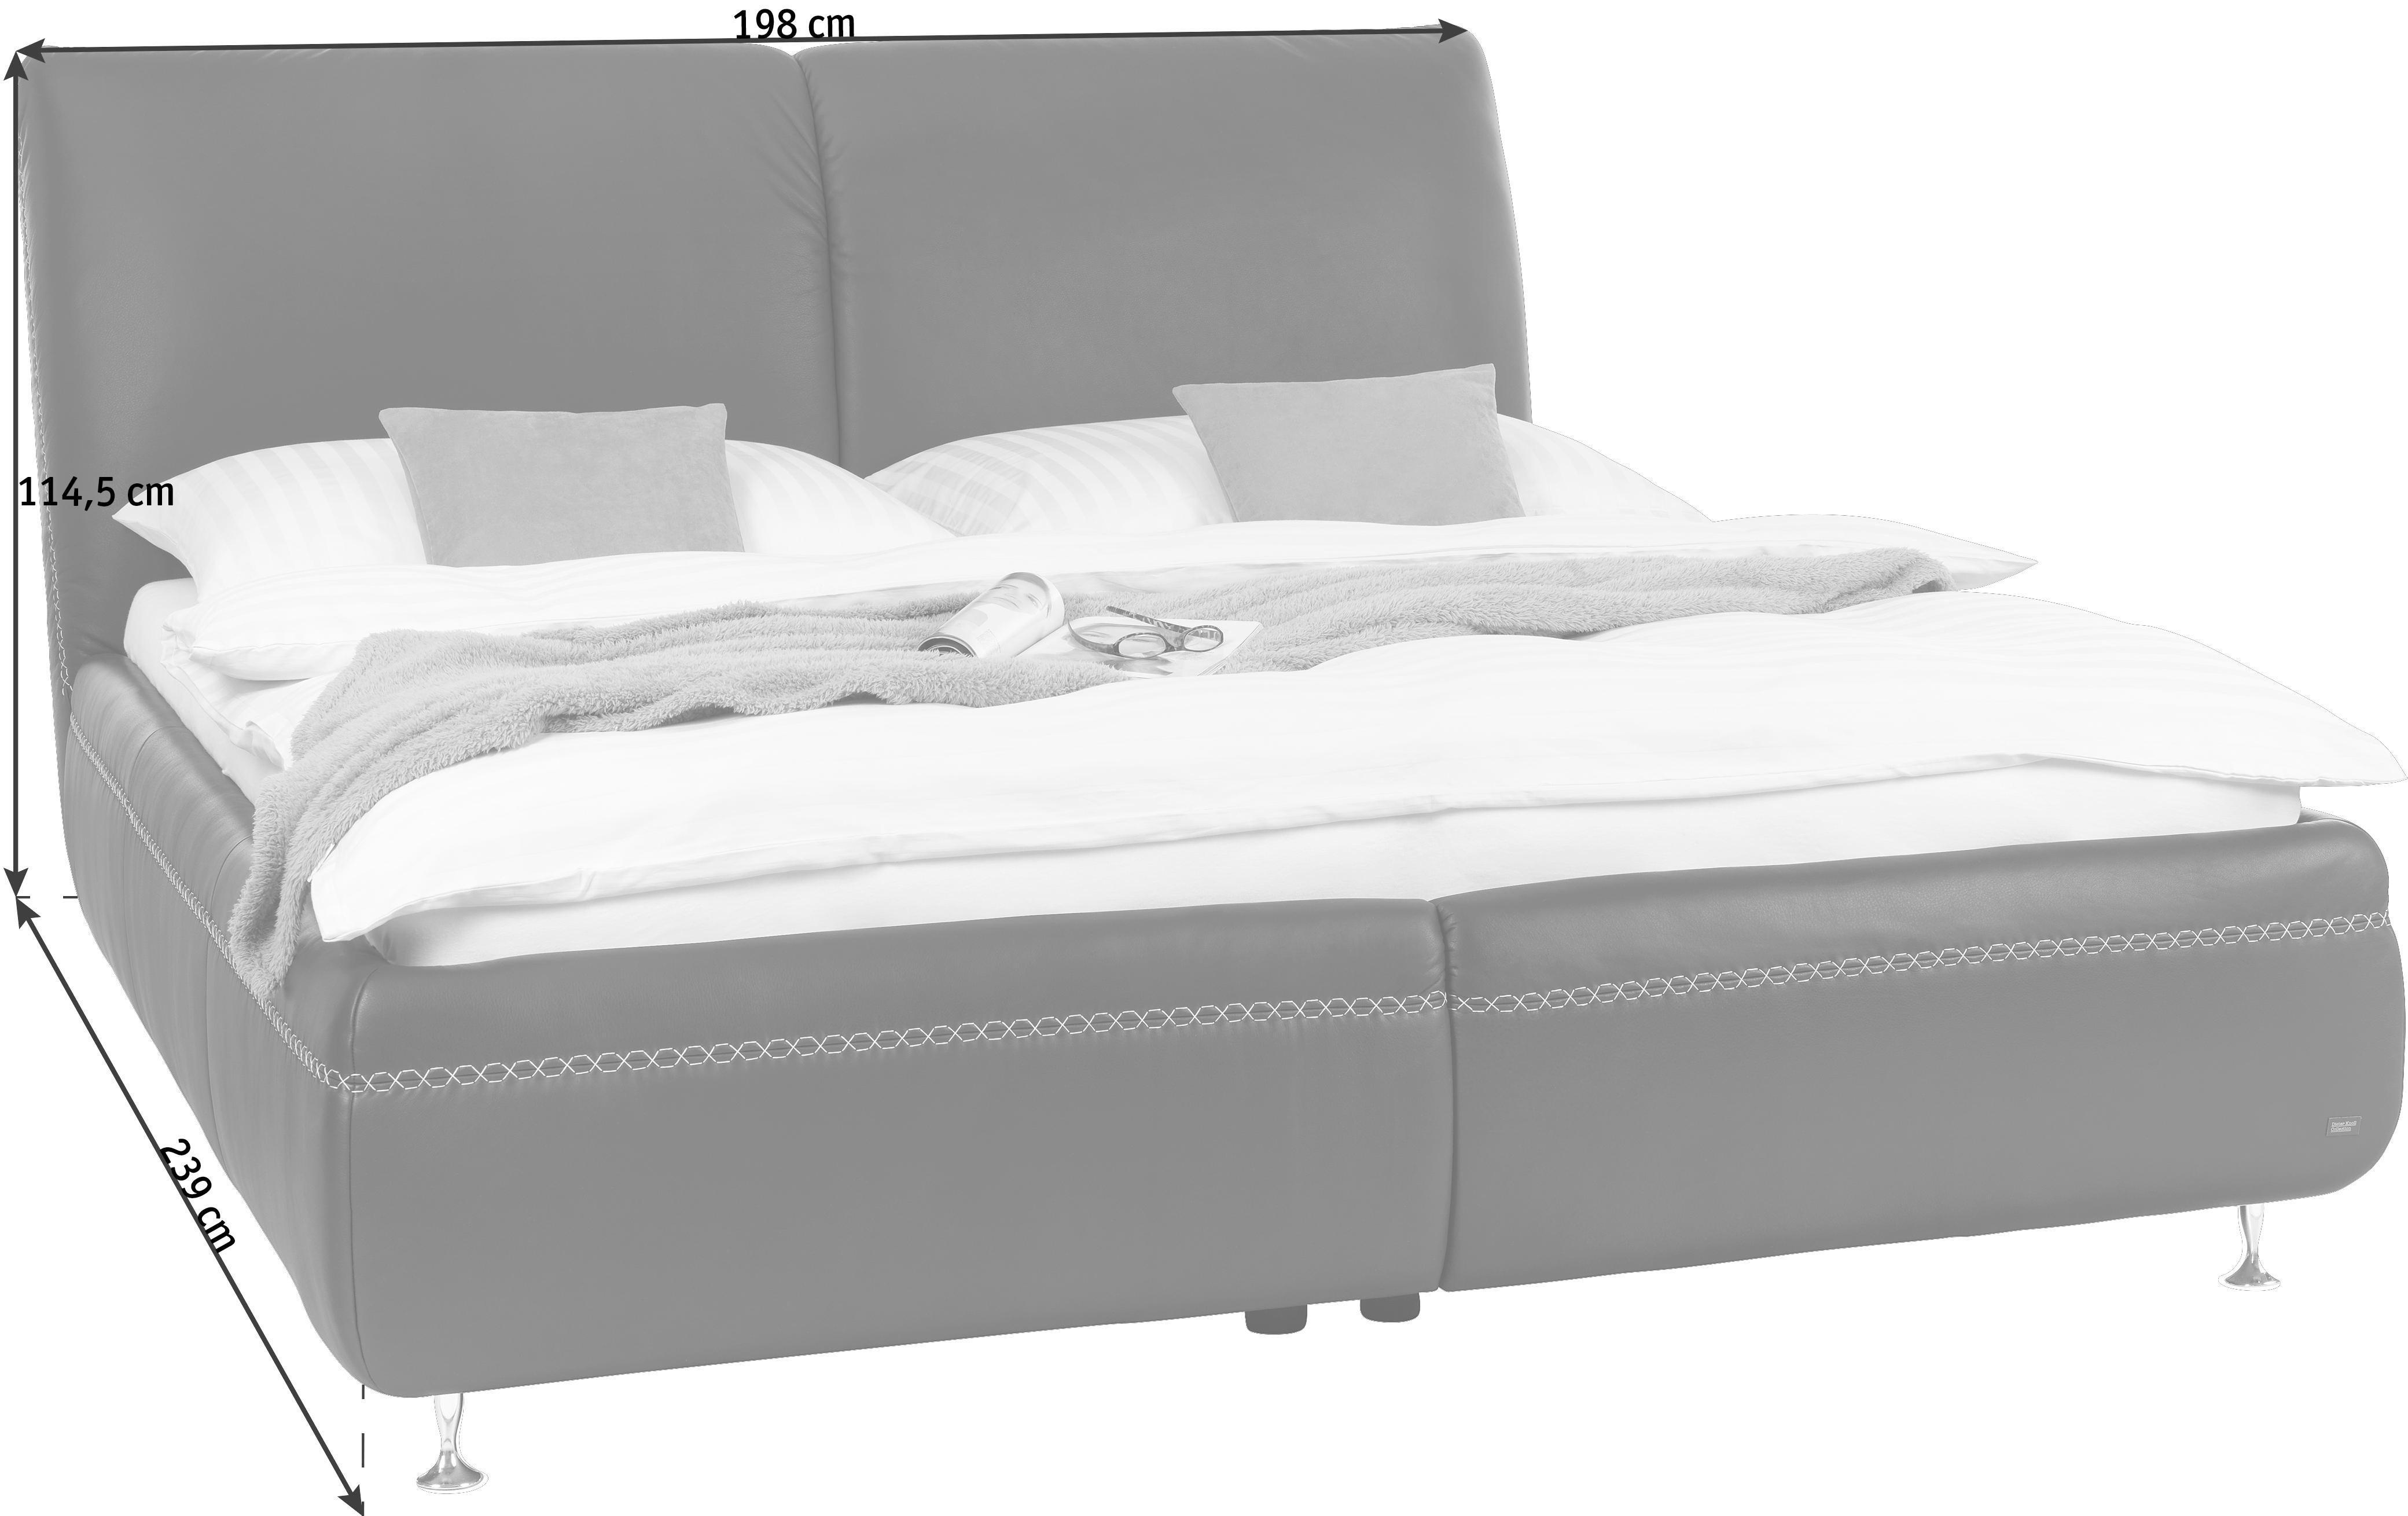 POLSTERBETT 160/200 cm - Chromfarben/Braun, Design, Leder/Metall (160/200cm) - DIETER KNOLL